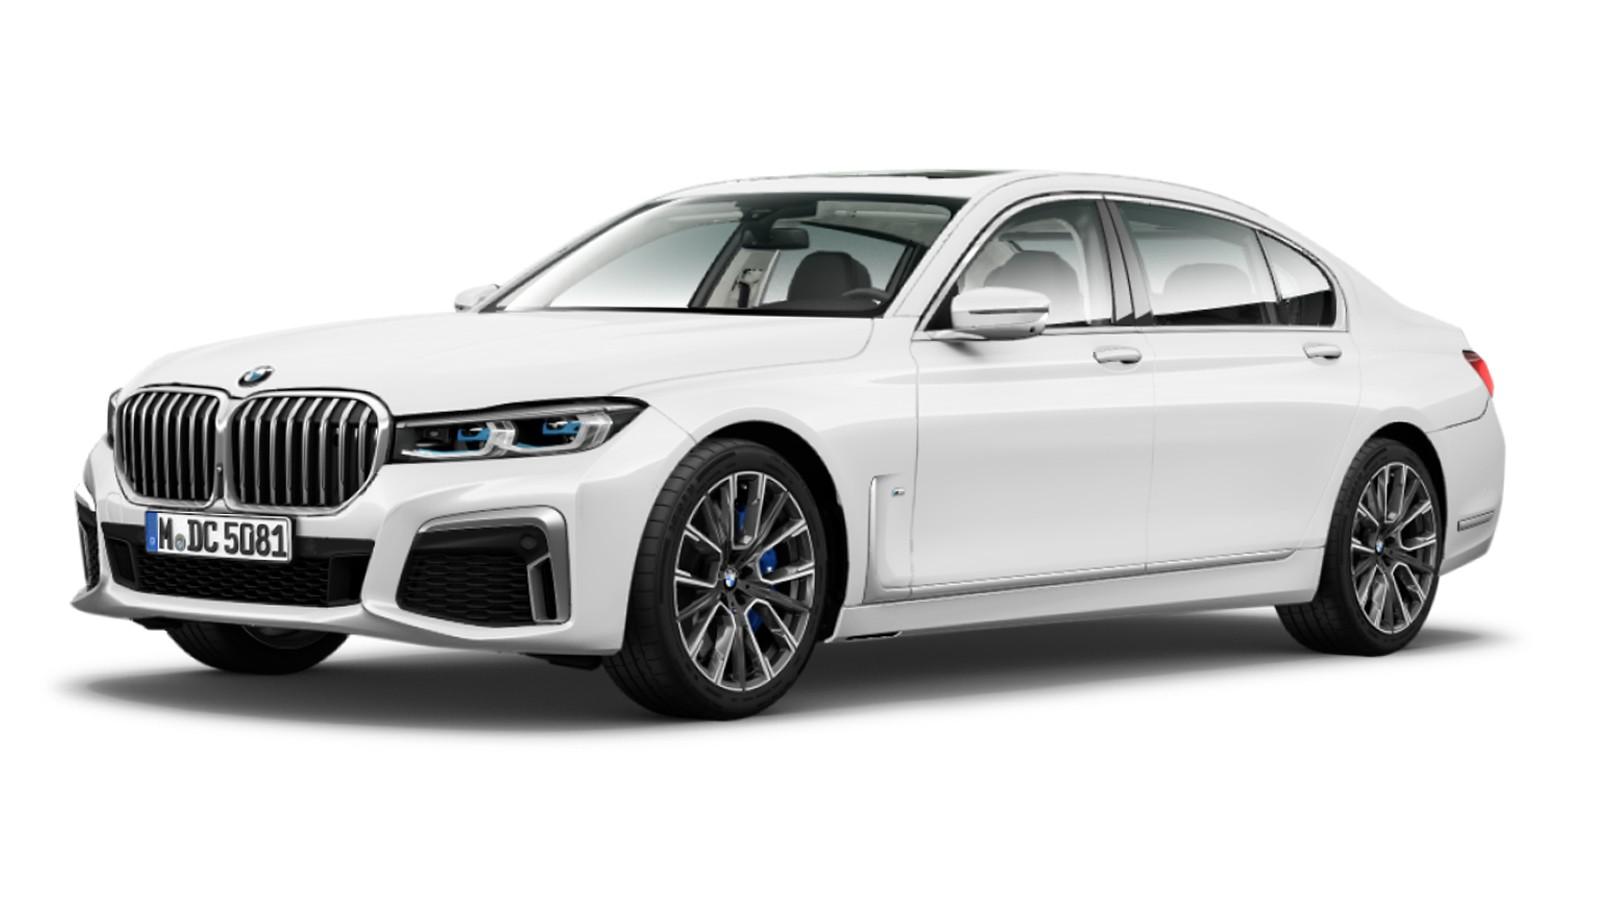 BMW 7er front13